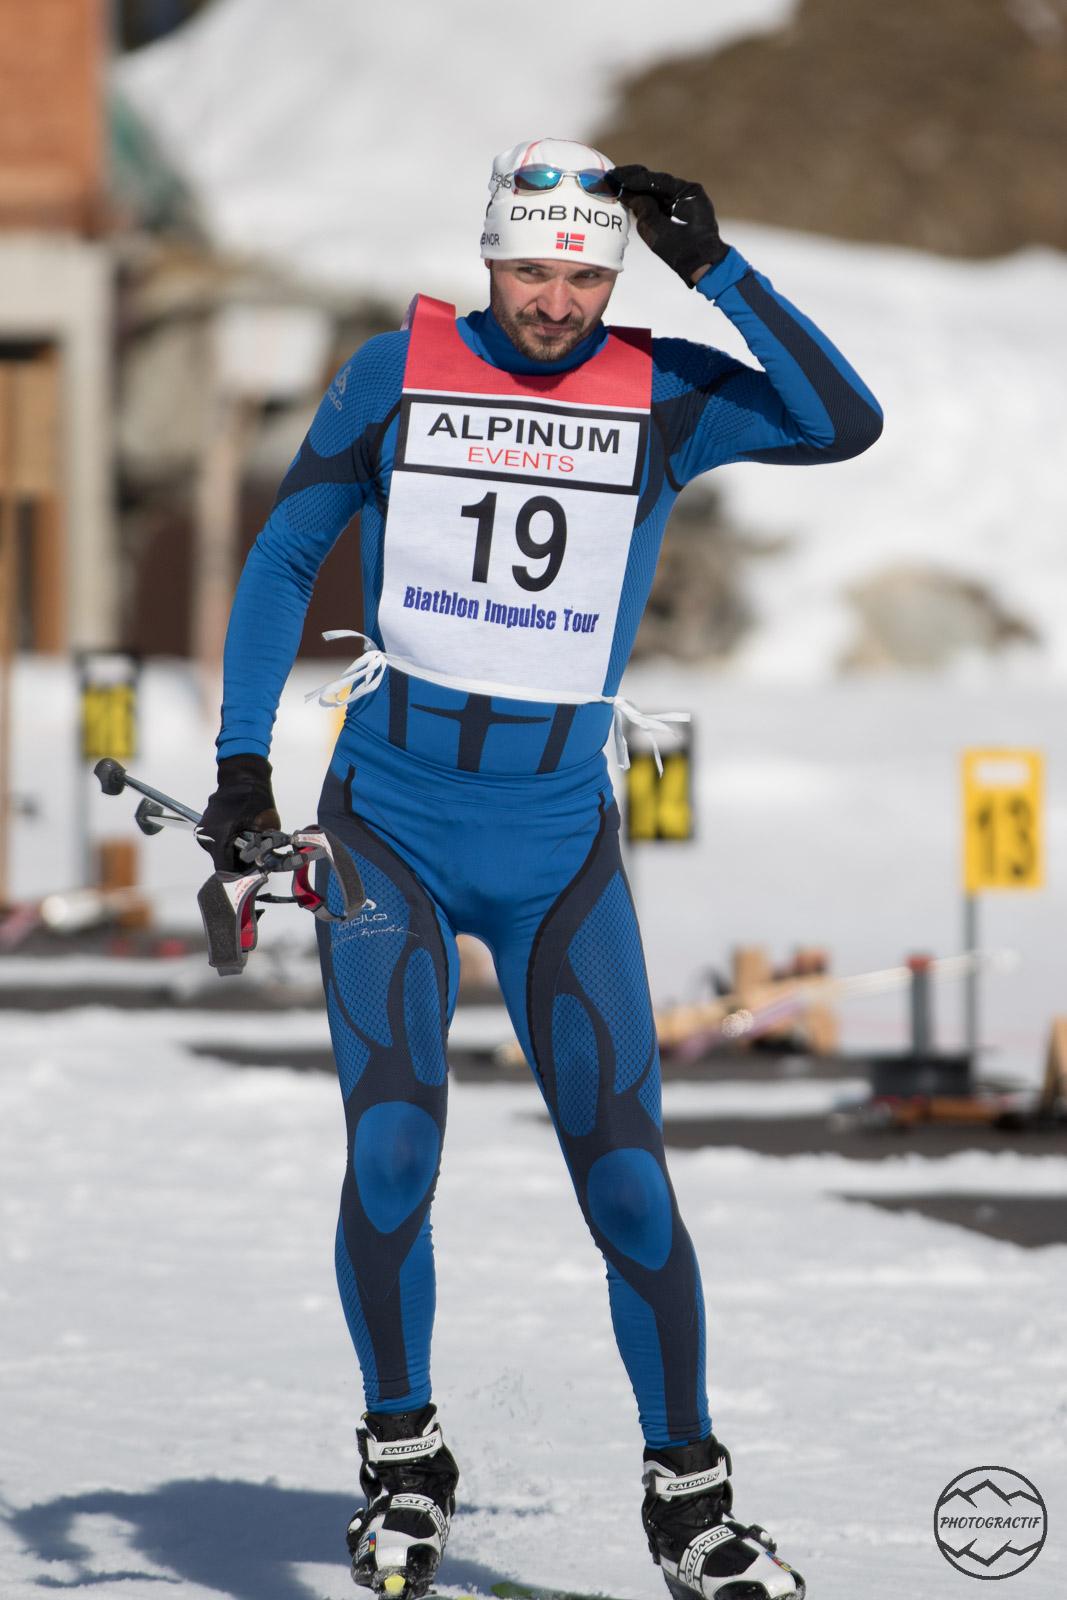 Biathlon Alpinum Les Contamines 2019 (33)